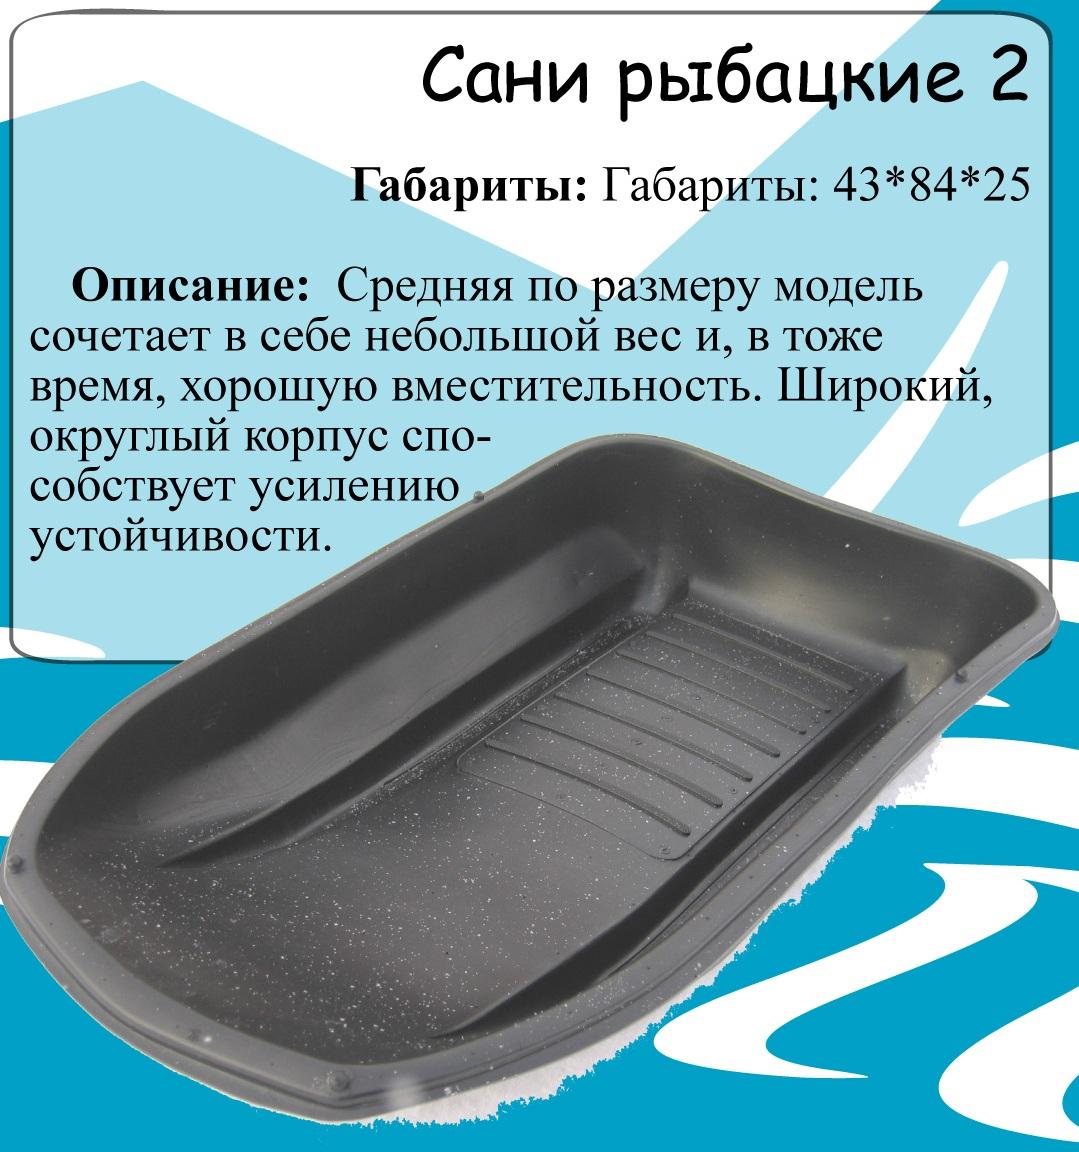 Санки-ледянки рыбацкие №2Санки рыболовные<br>Средняя по размеру модель сочетает в себе <br>небольшой вес и, в тоже время, хорошую вместительность. <br>Широкий округлый корпус способствует усилению <br>устойчивости.<br>